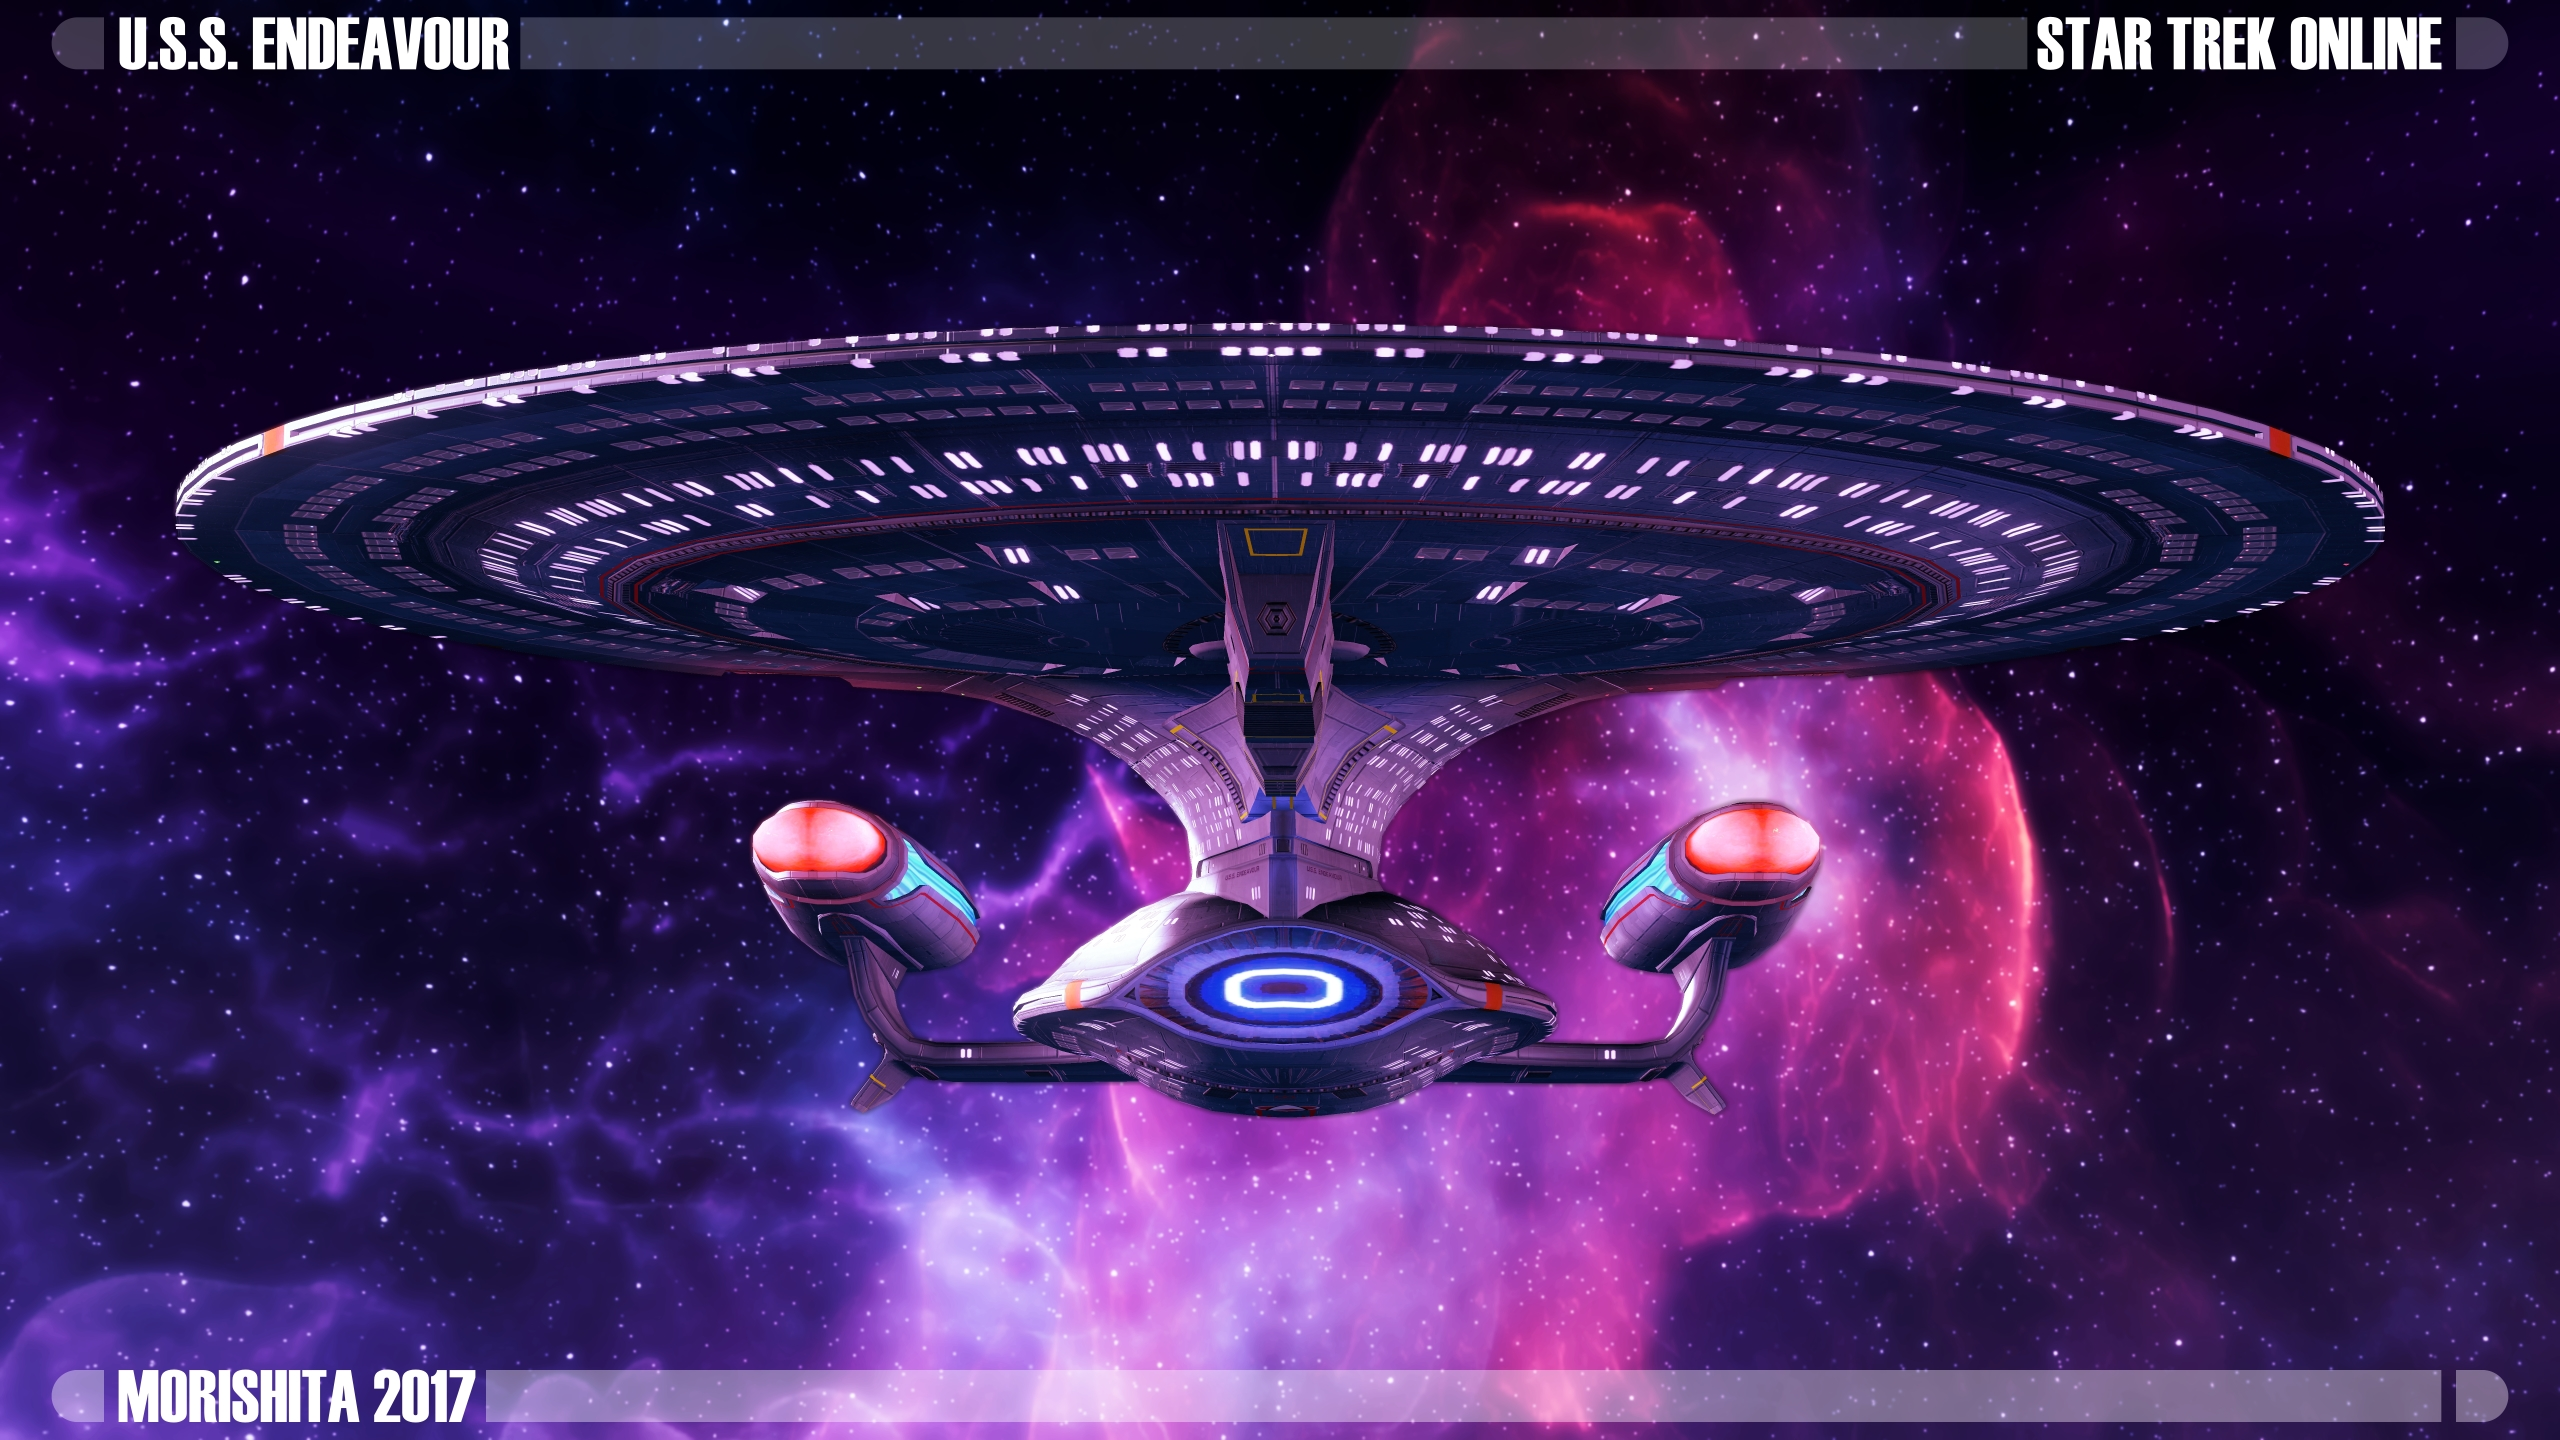 U.S.S. Endeavour #002